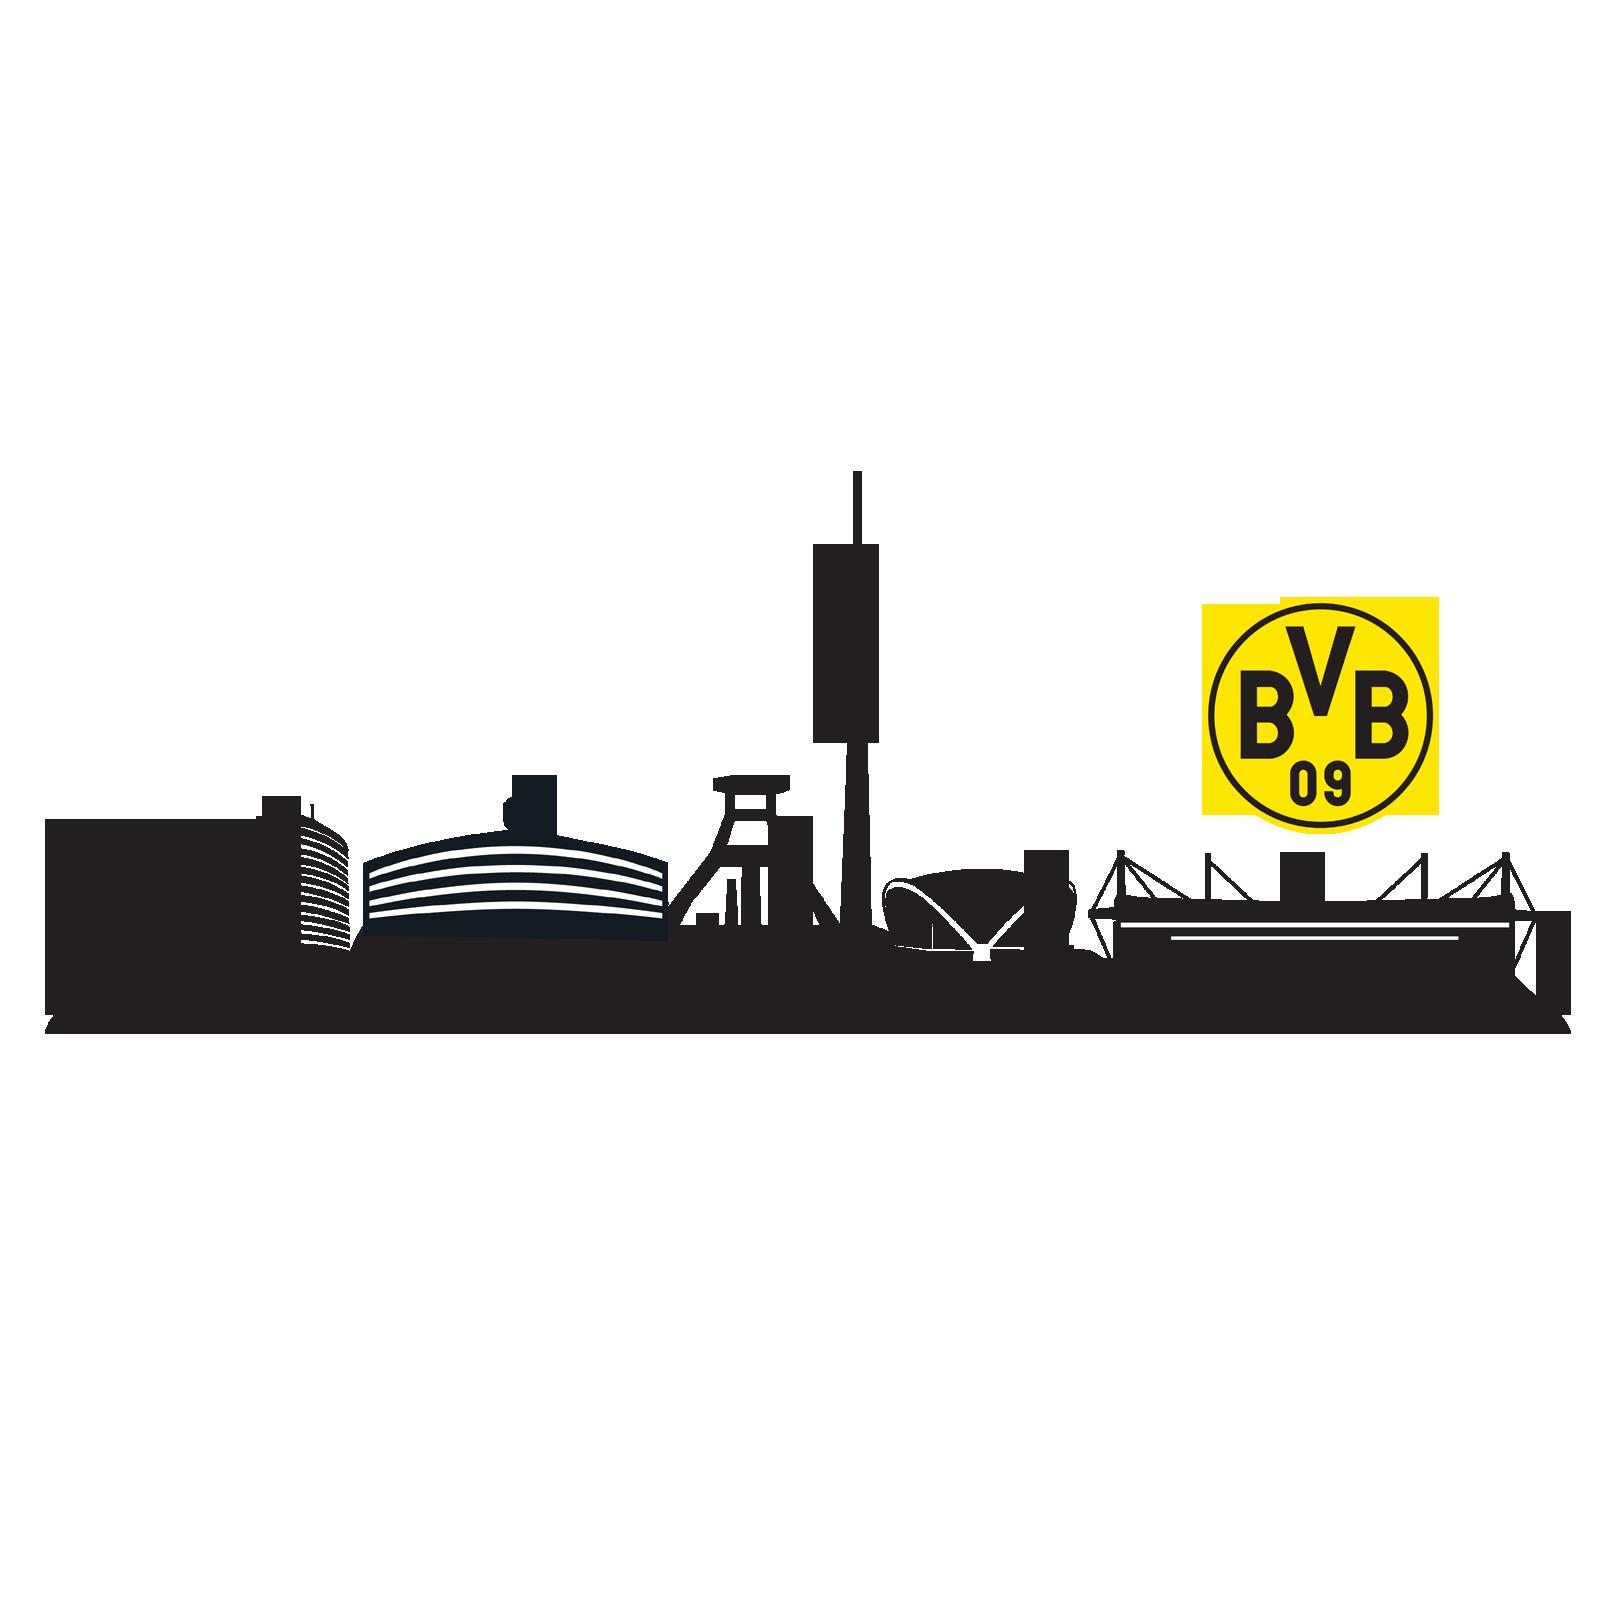 bvb wandtattoo skyline an der wand zu hause offizieller bvb online fanshop. Black Bedroom Furniture Sets. Home Design Ideas